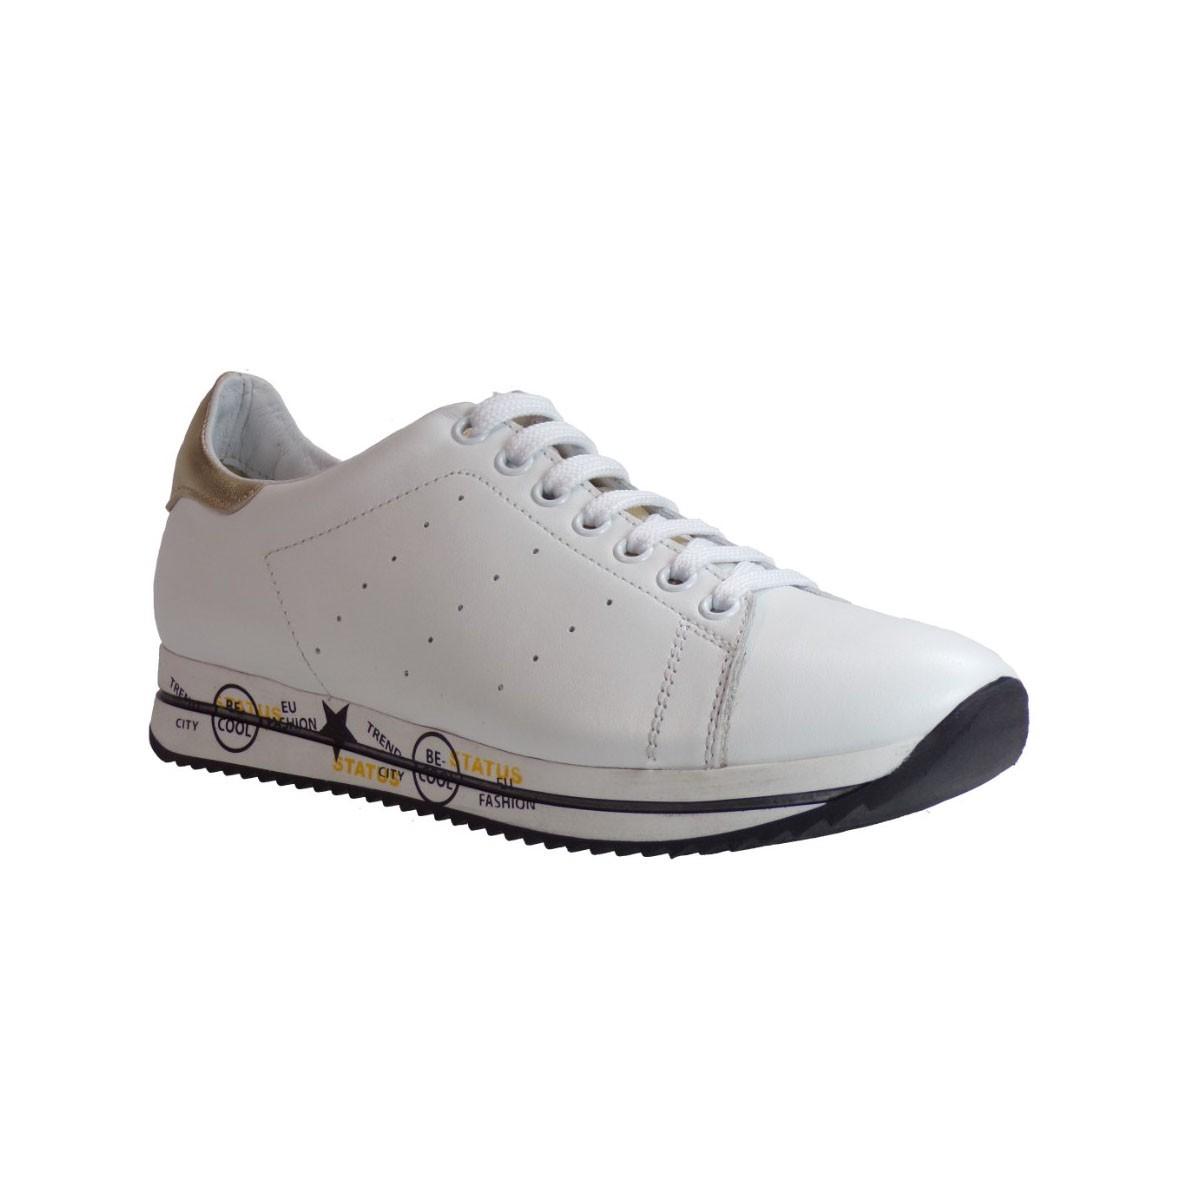 Fardoulis Shoes Γυναικεία Παπούτσια Sneakers 201 Λευκό Fardoulis 201 Λευκό